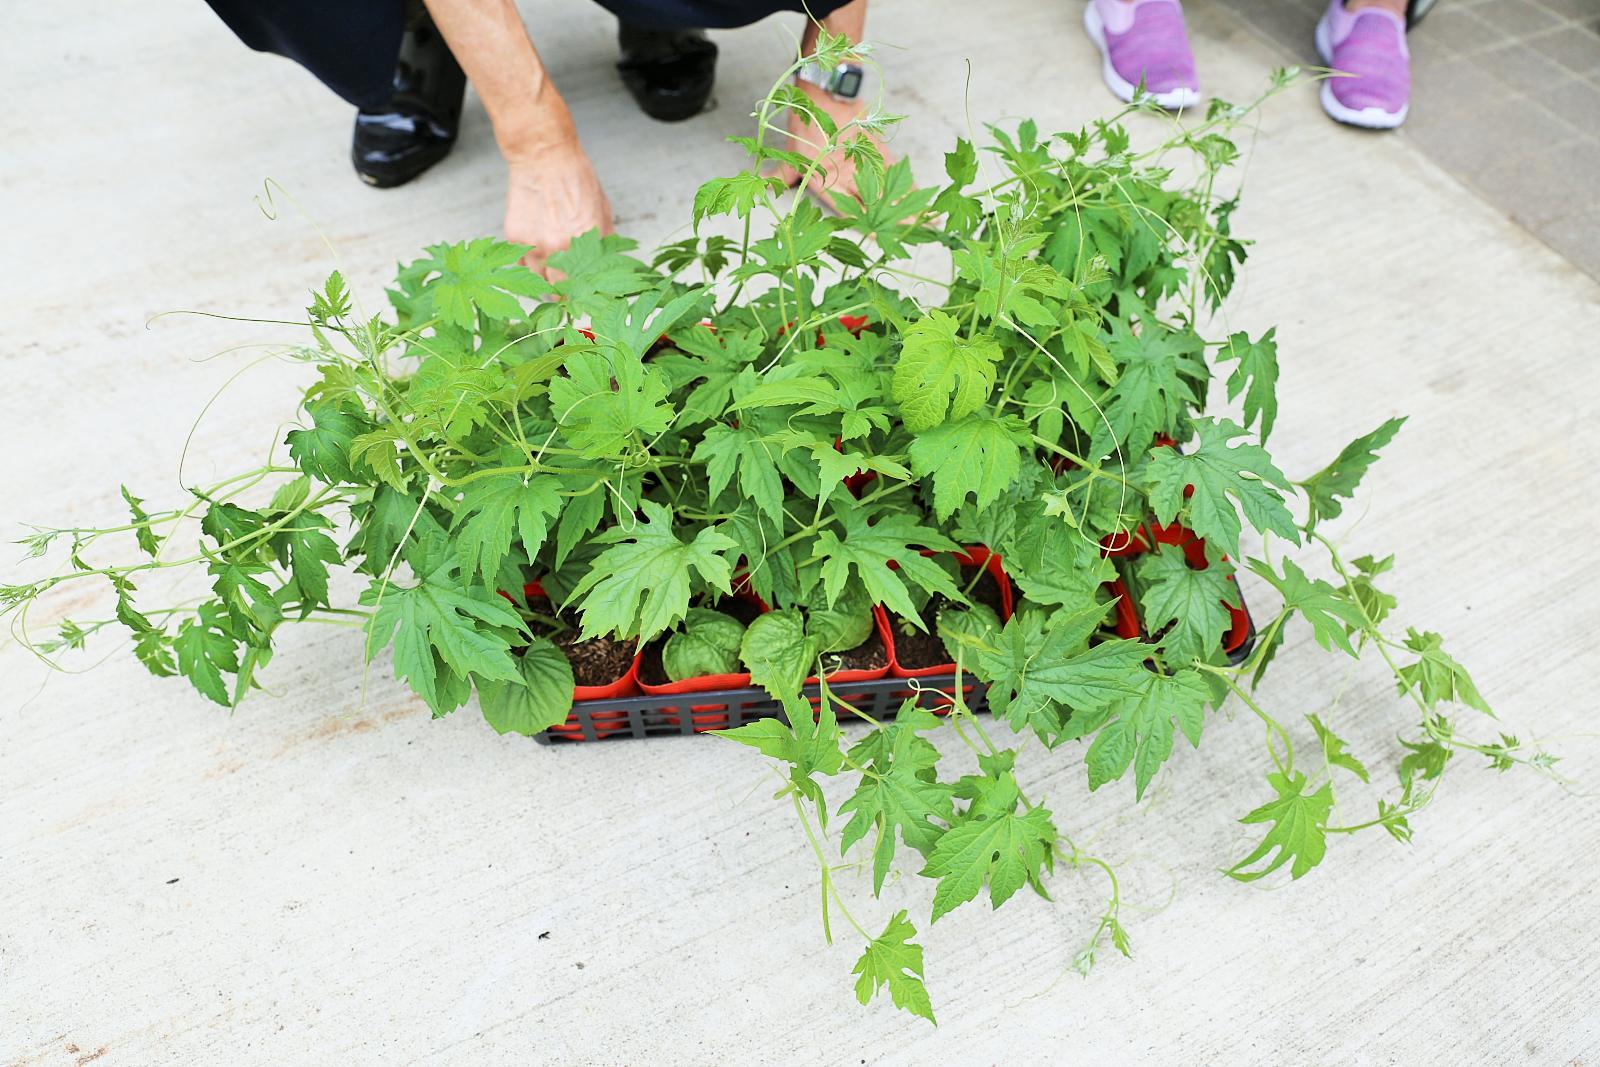 胎内市さんから「緑のカーテン普及事業」でゴーヤの苗をいただきました。 今日は養護盲利用者の皆さんとゴーヤ苗を植えました(^-^)>